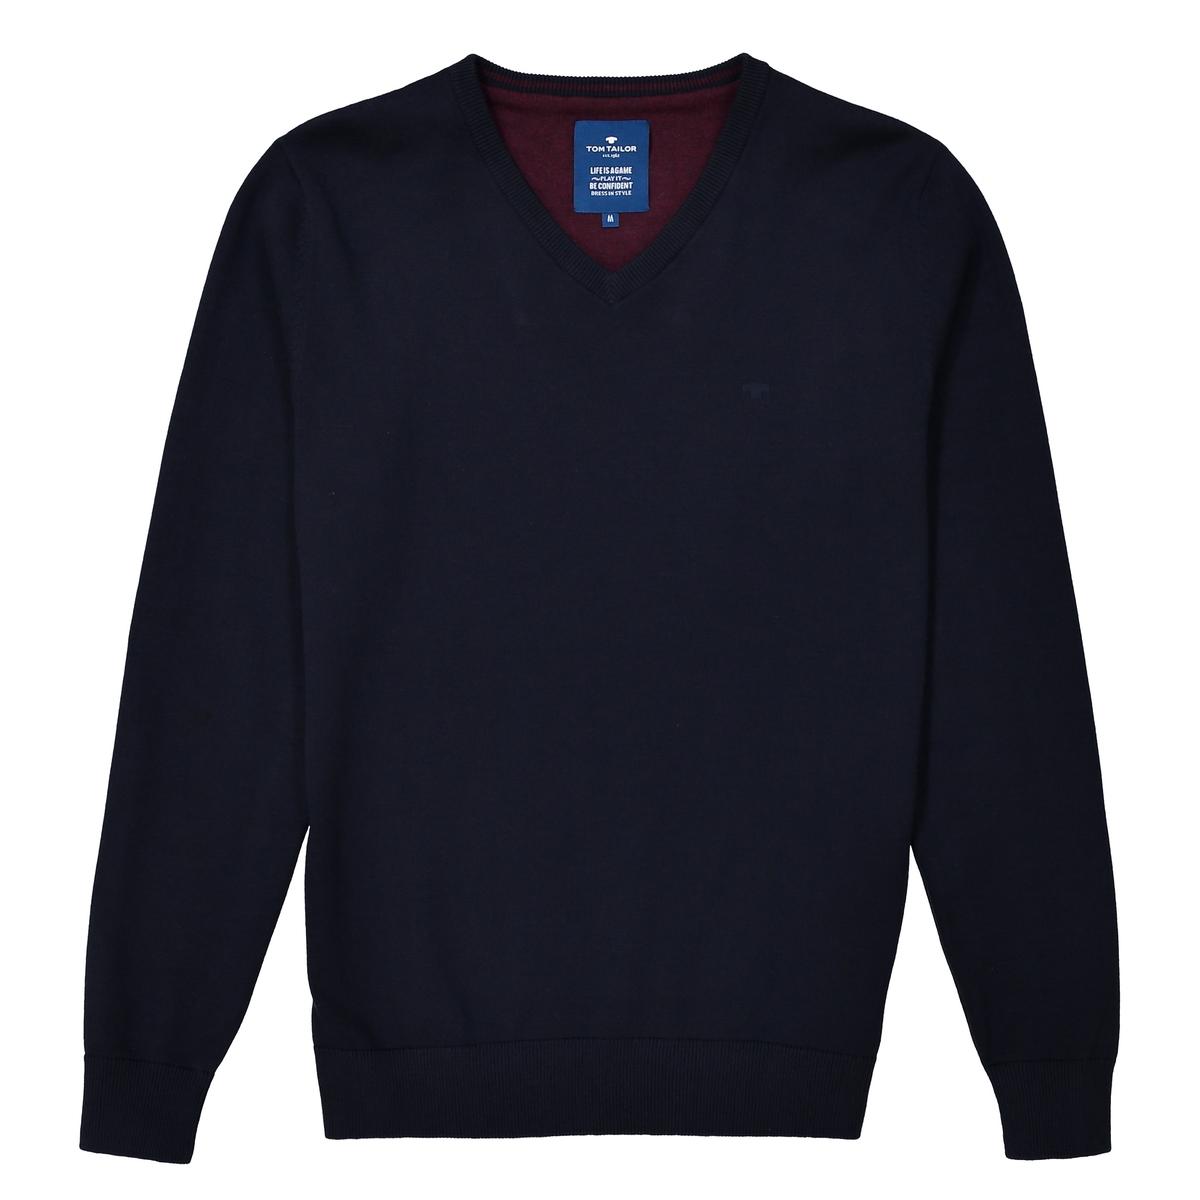 Пуловер из тонкого трикотажа с V-образным вырезомДетали •  Длинные рукава •   V-образный вырез •  Тонкий трикотажСостав и уход •  100% хлопок •  Следуйте рекомендациям по уходу, указанным на этикетке изделия<br><br>Цвет: светло-серый,синий морской<br>Размер: L.S.L.M